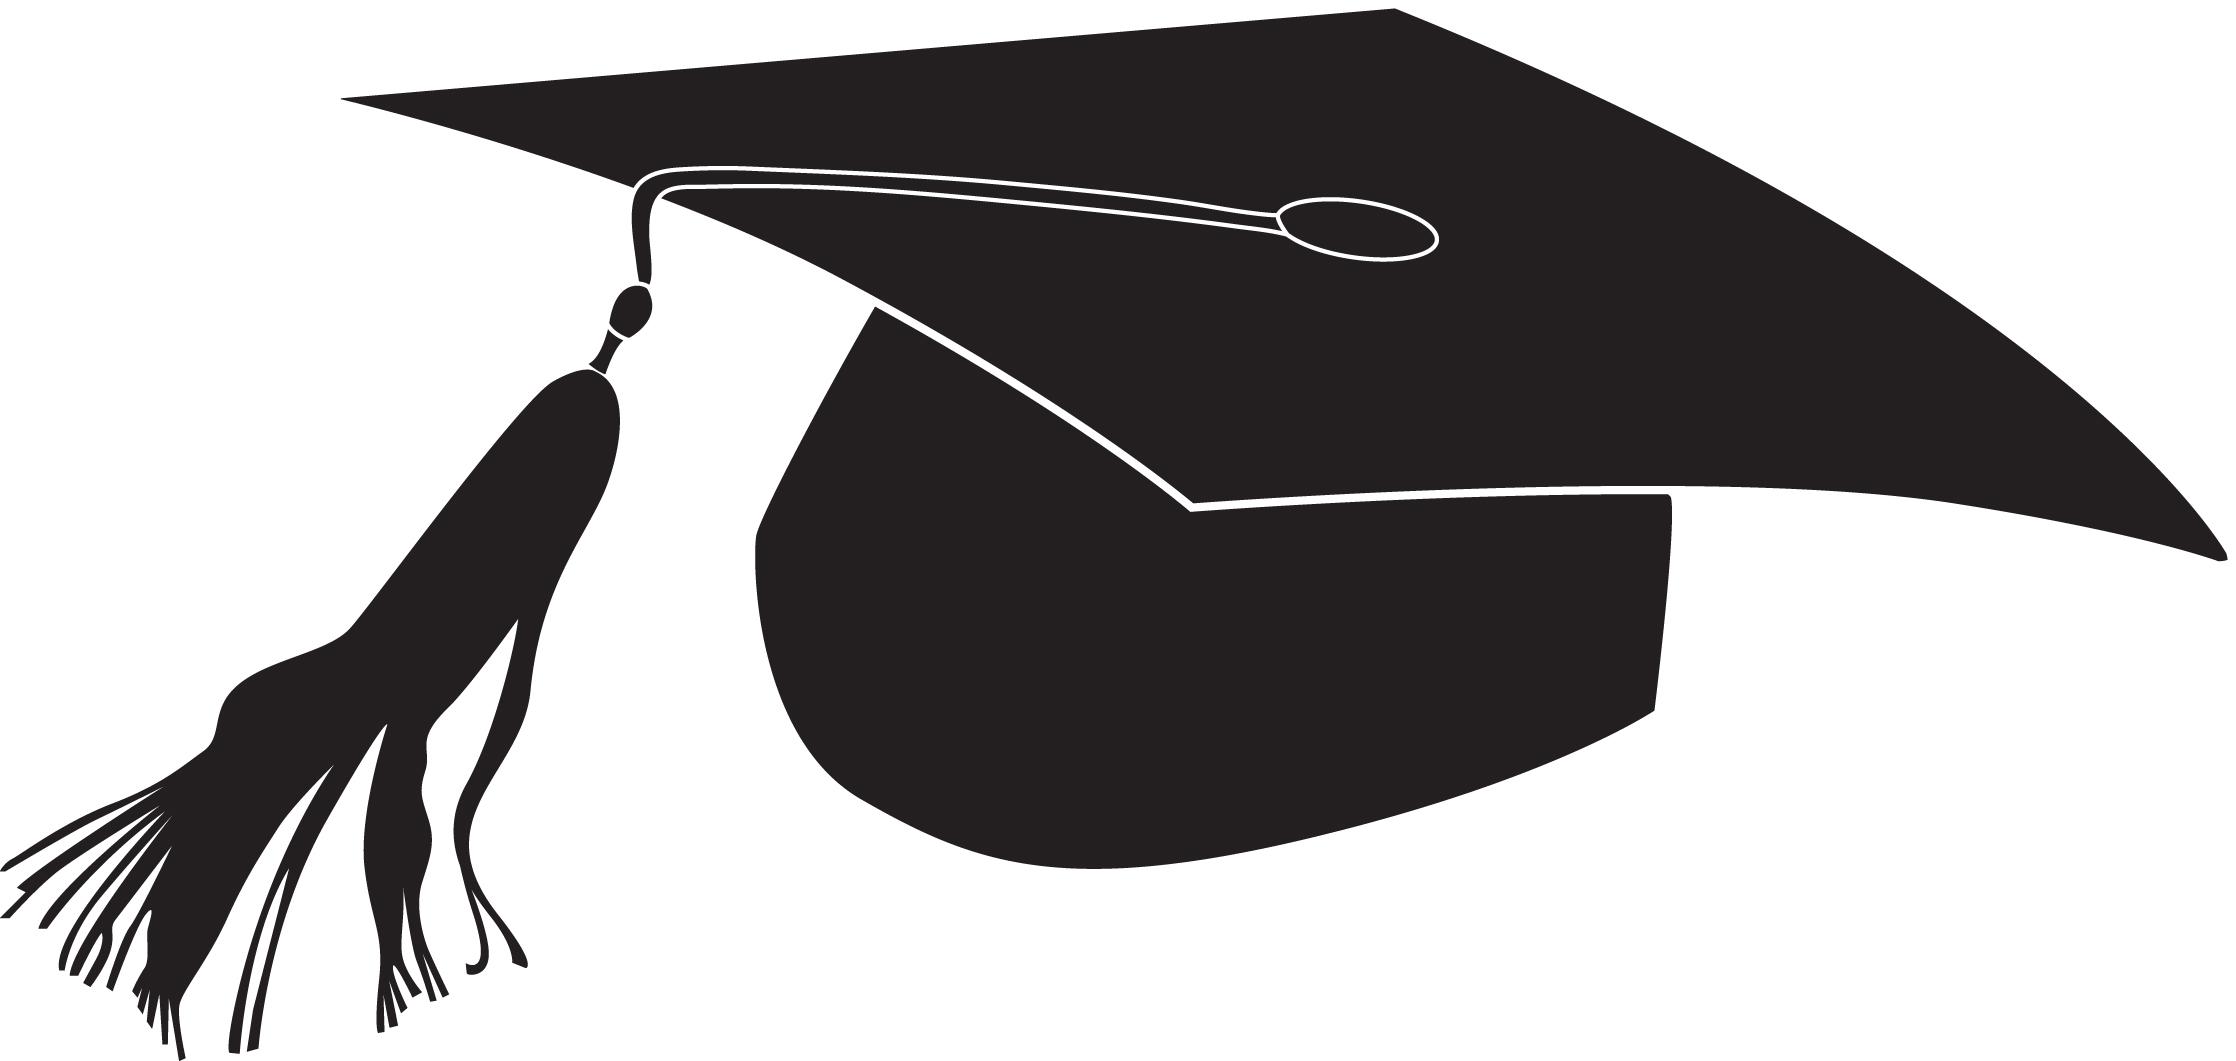 Graduate clipart memorable. Show your how proud